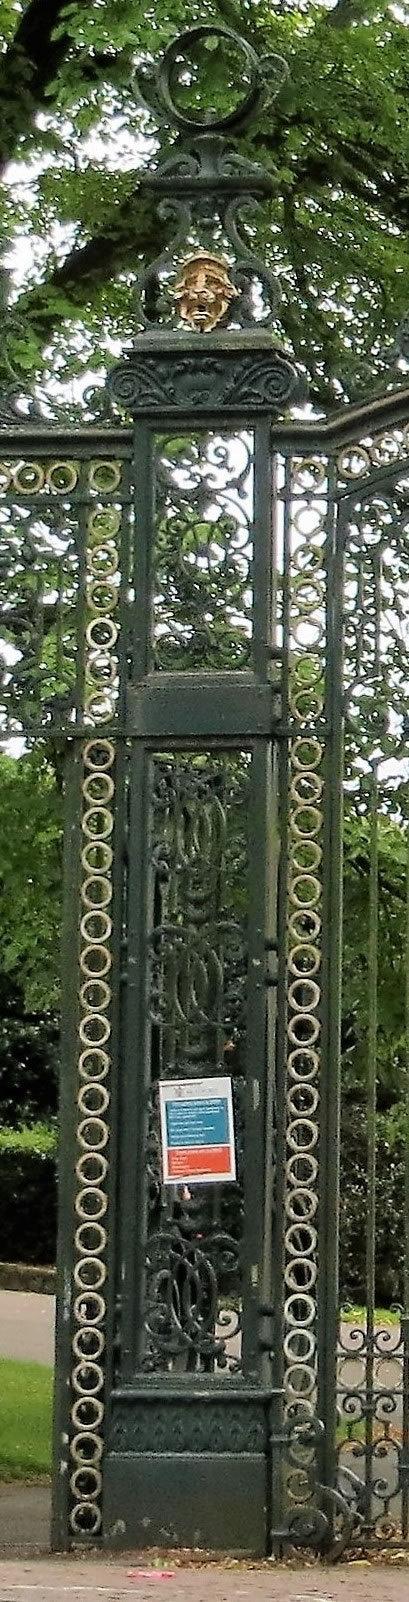 Victorian gates iron pillar